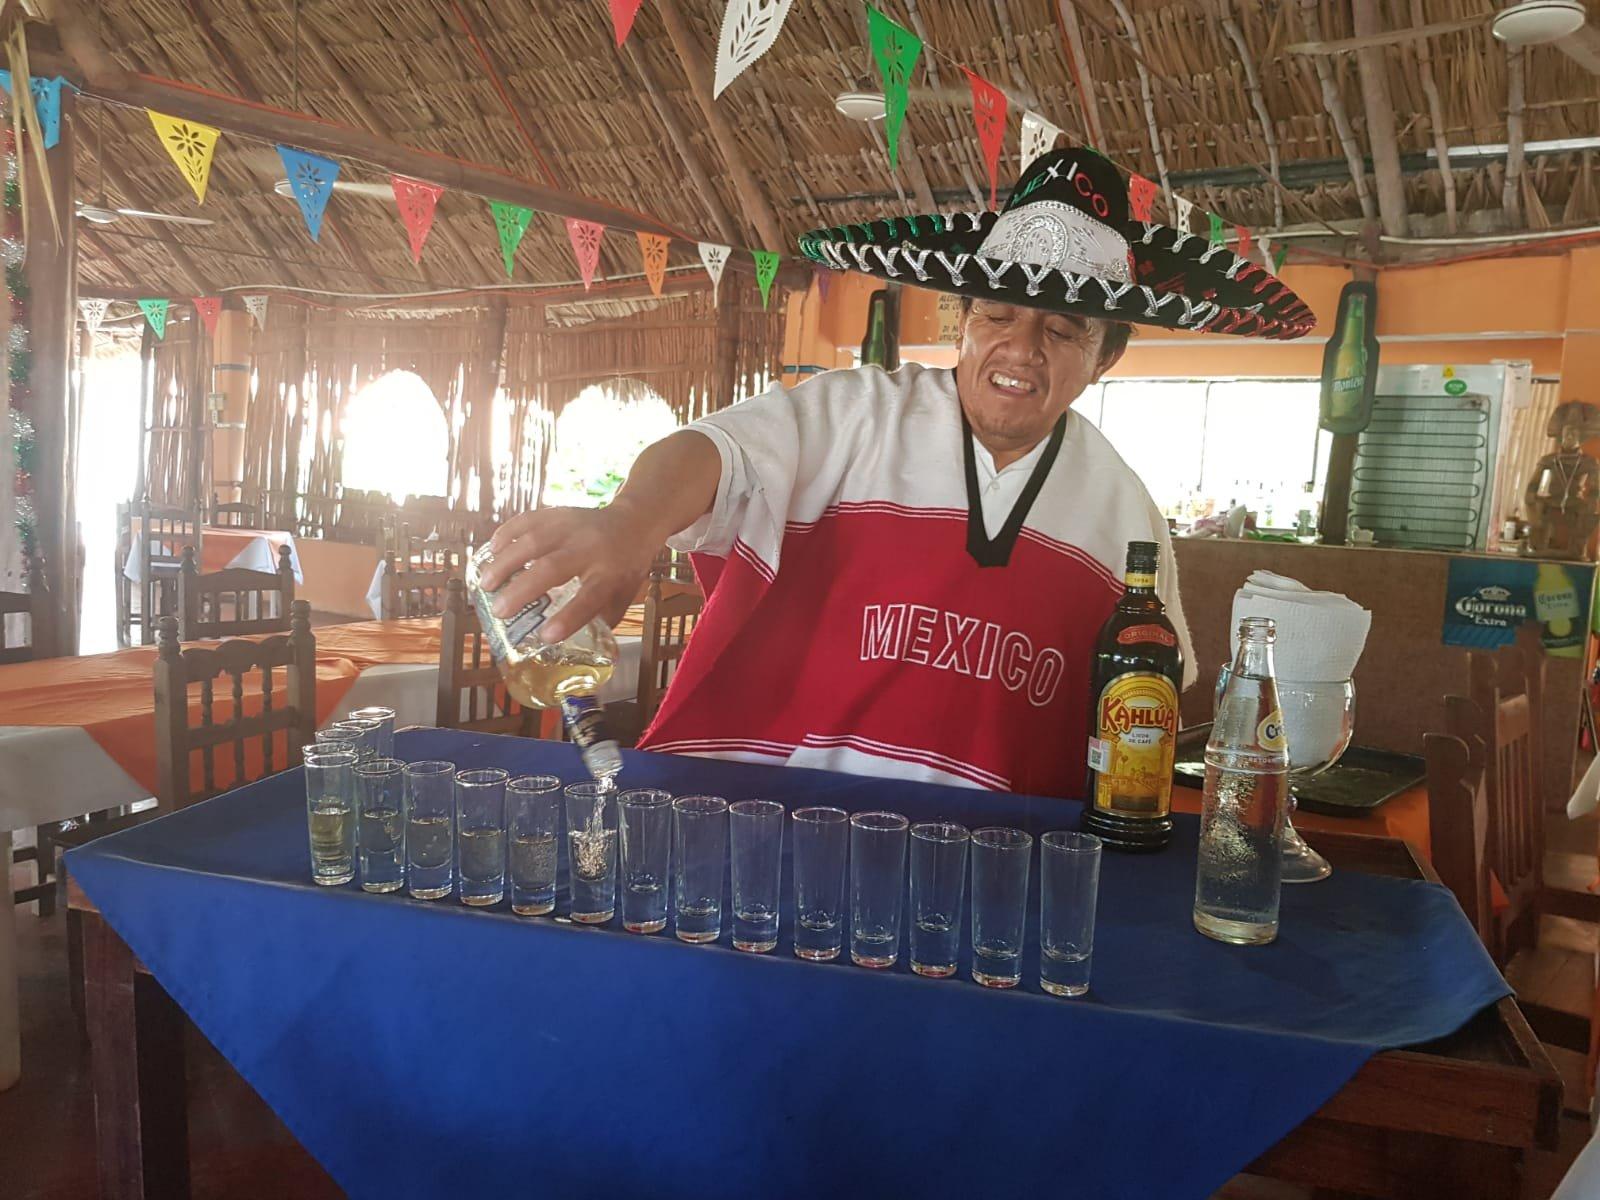 Mi-am schimbat parerea despre Mexic! #2 32